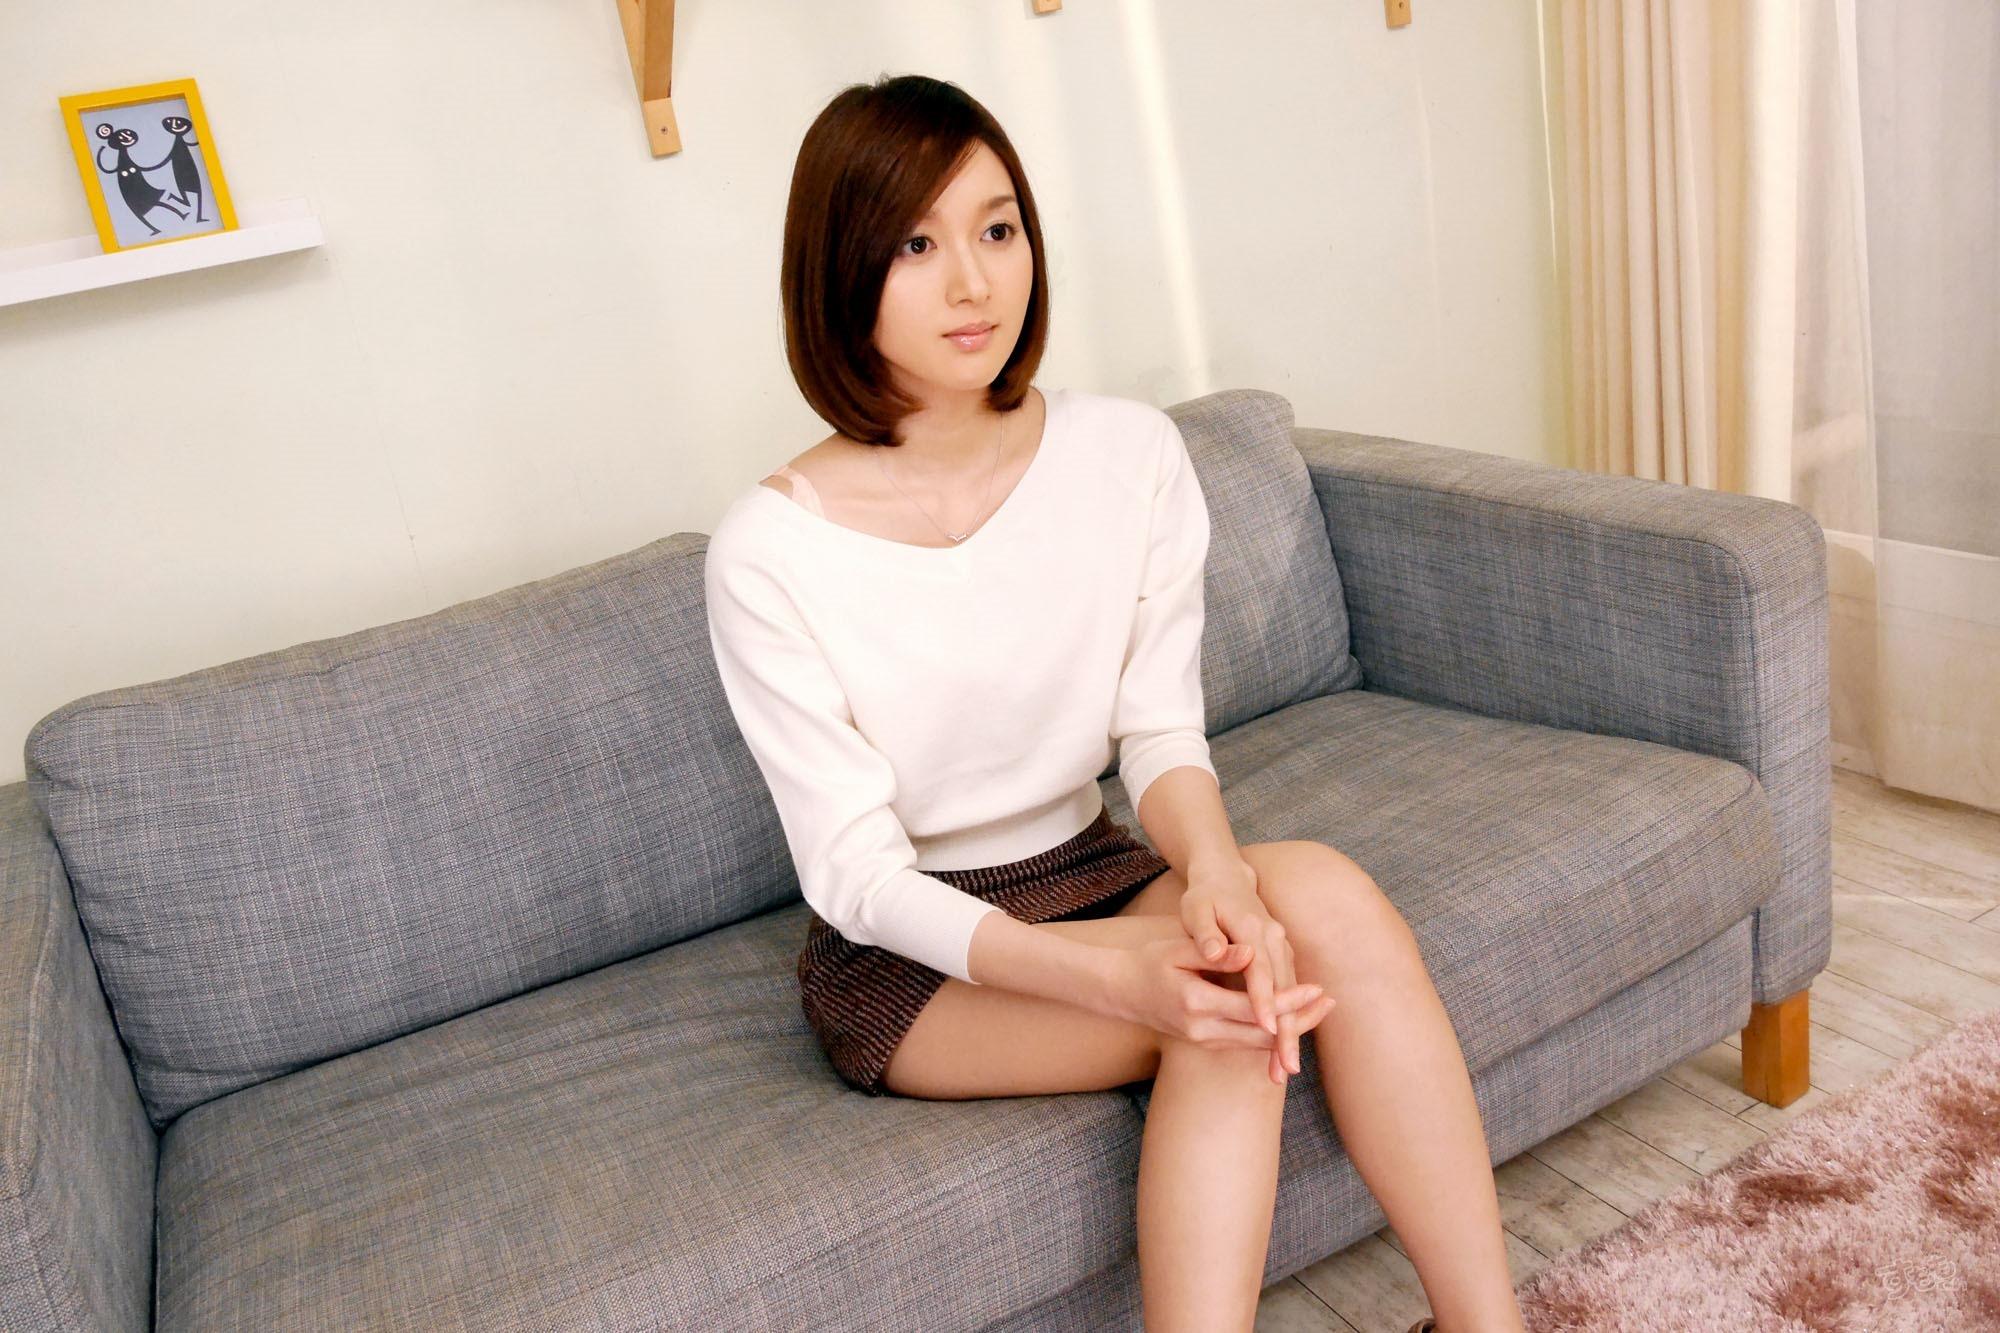 uehara_mizuho_3181-005.jpg